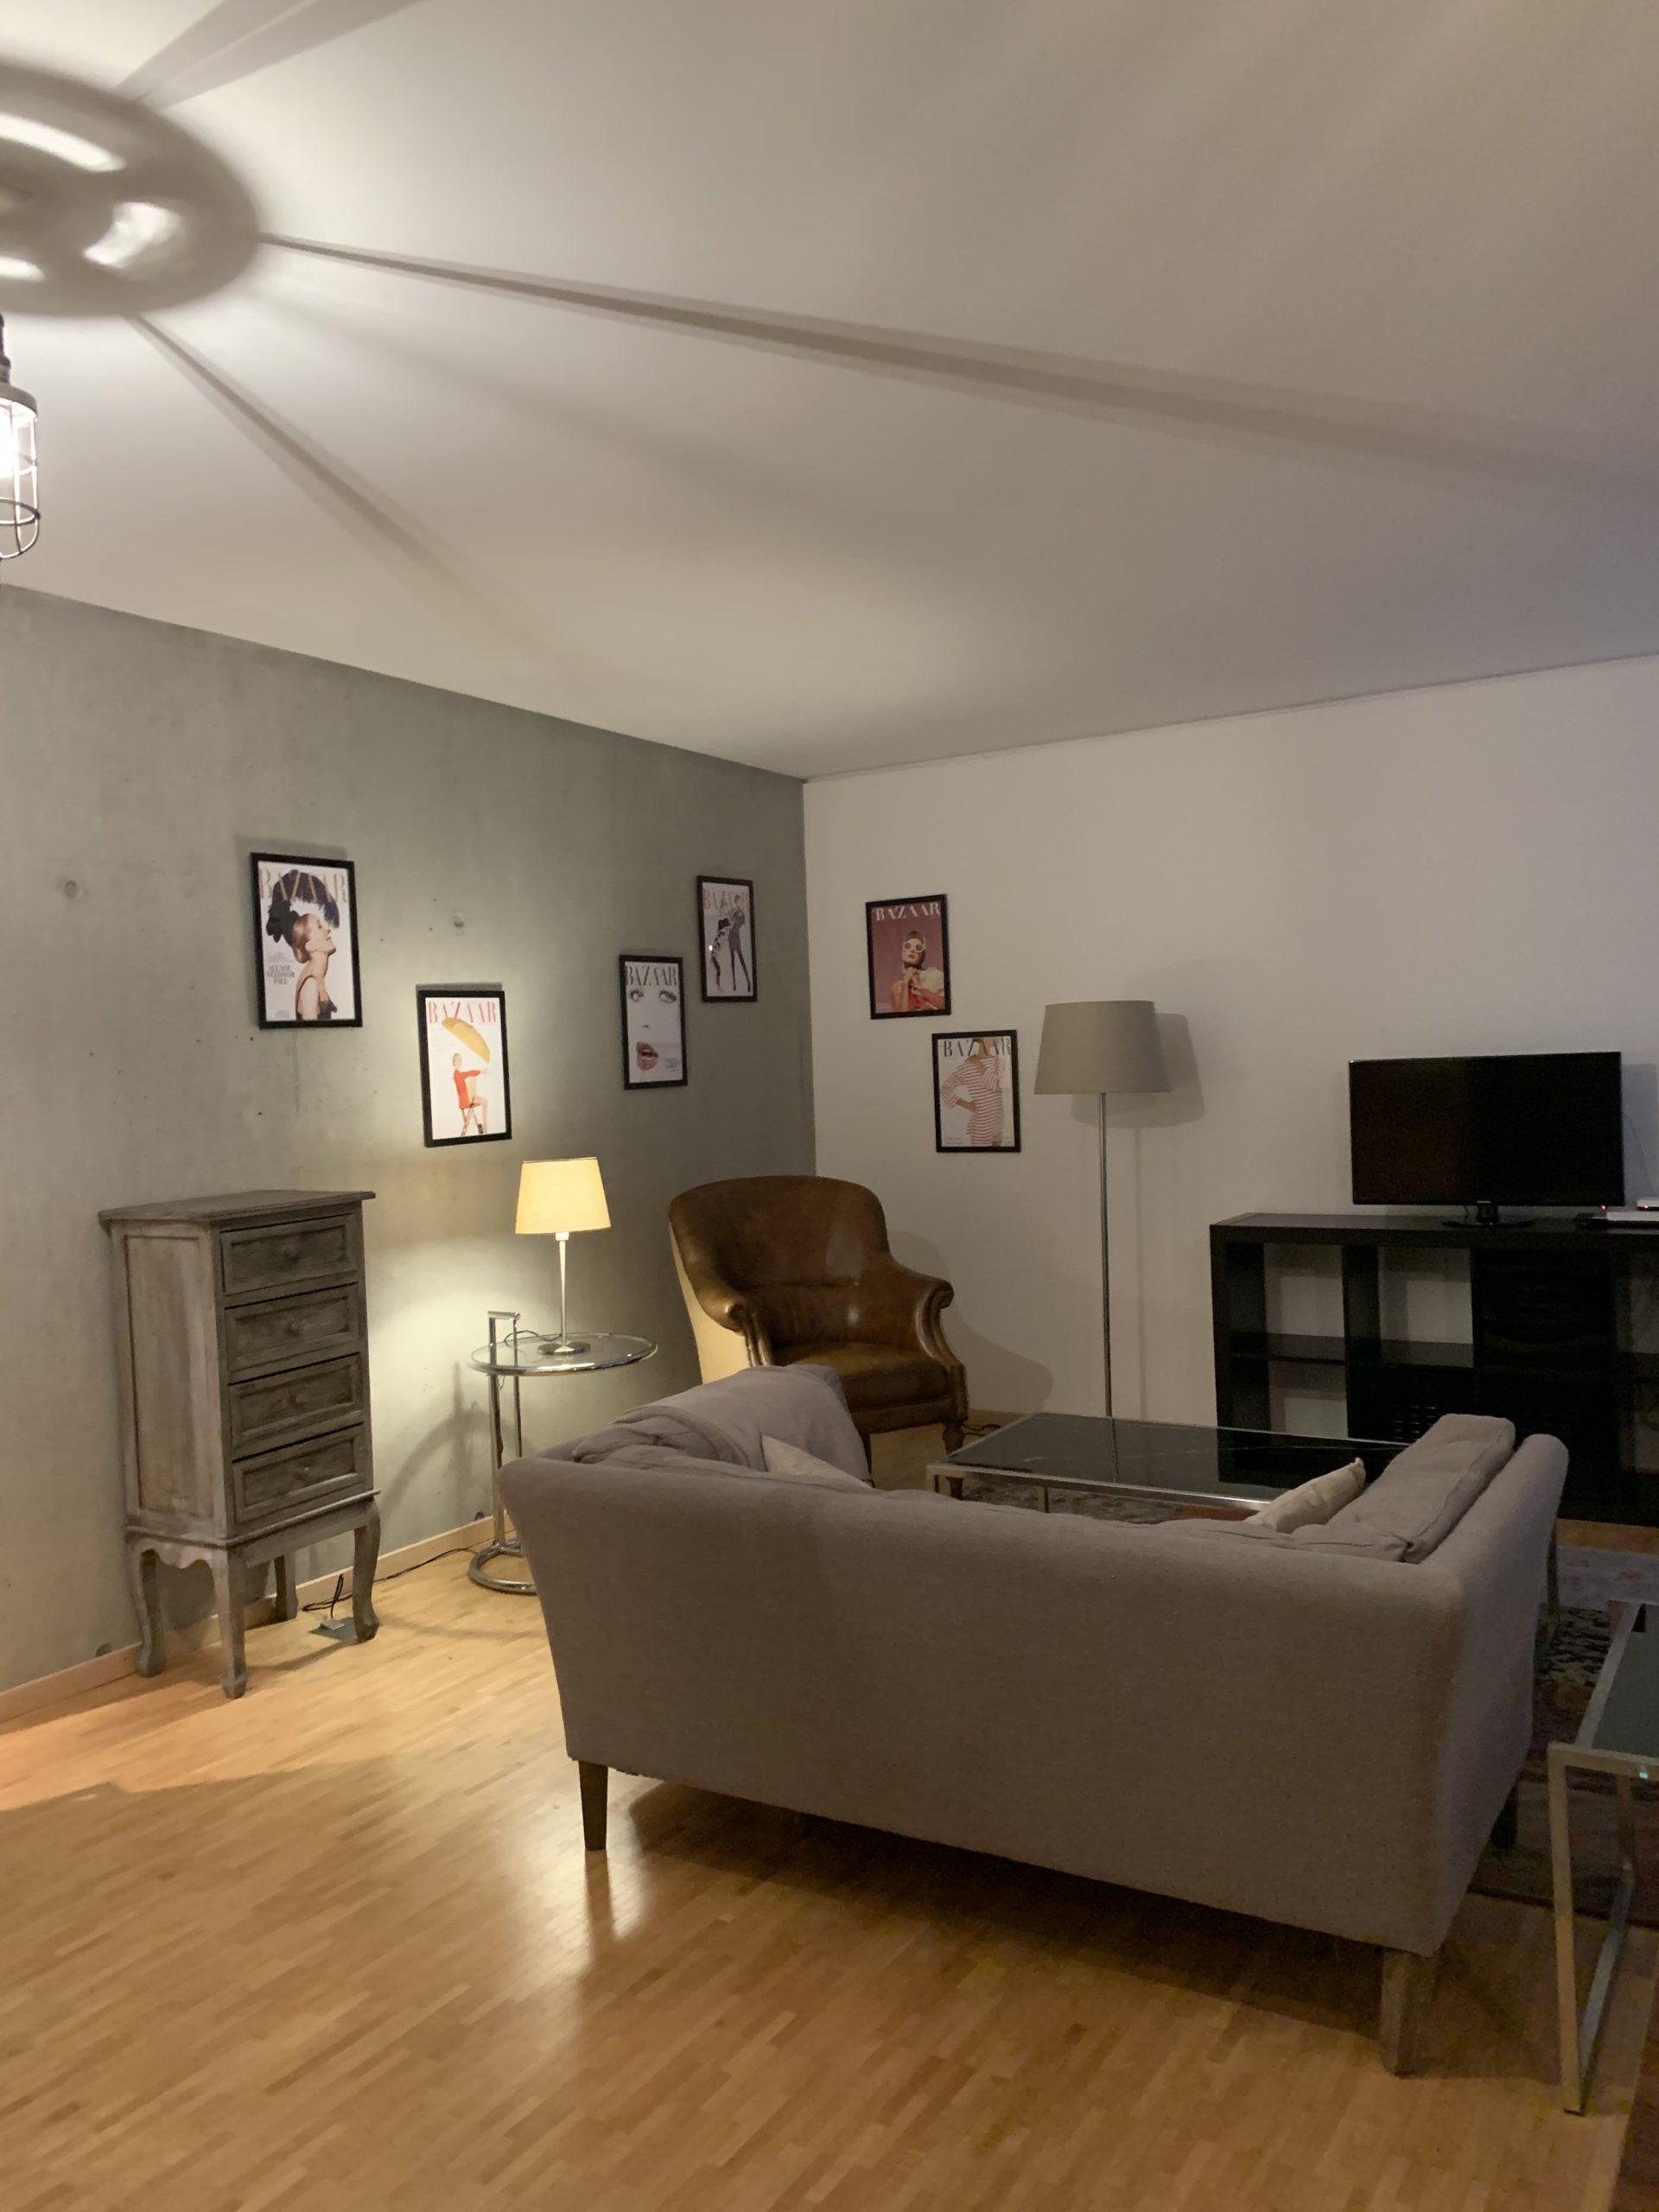 Rue du Flon 12, Lausanne - 2,5 pièces - Lot 4.4 3